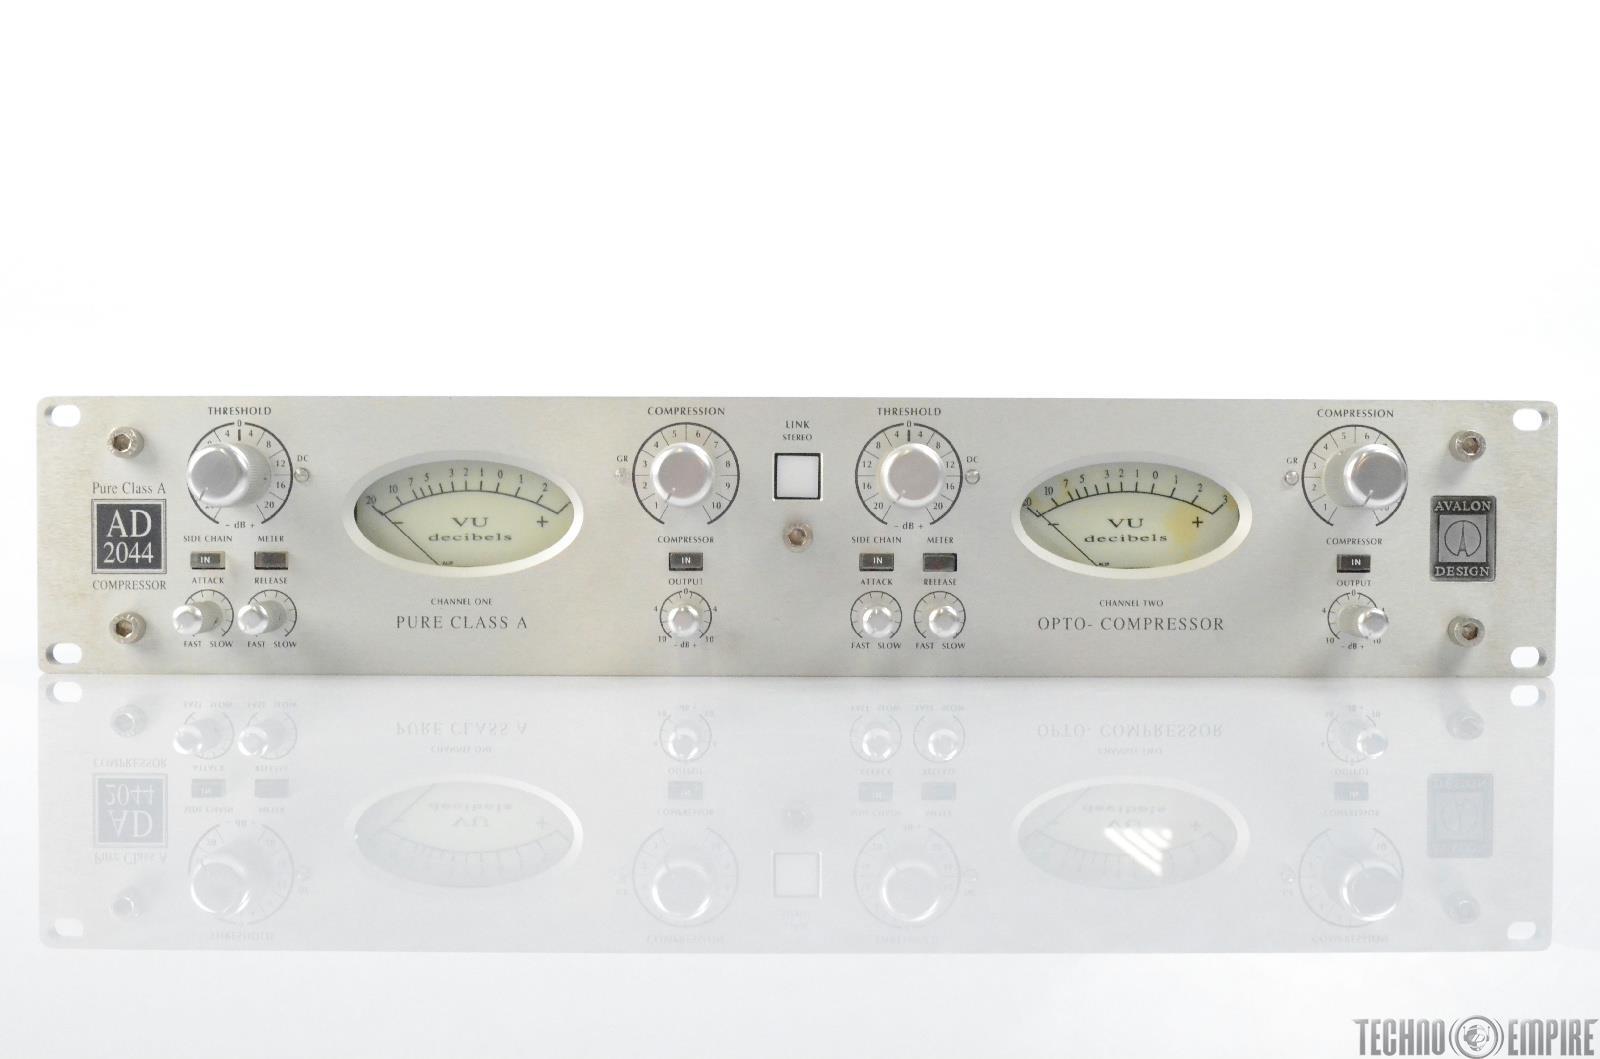 Avalon Design AD2044 Dual Channel Class A Opto-Compressor #28355